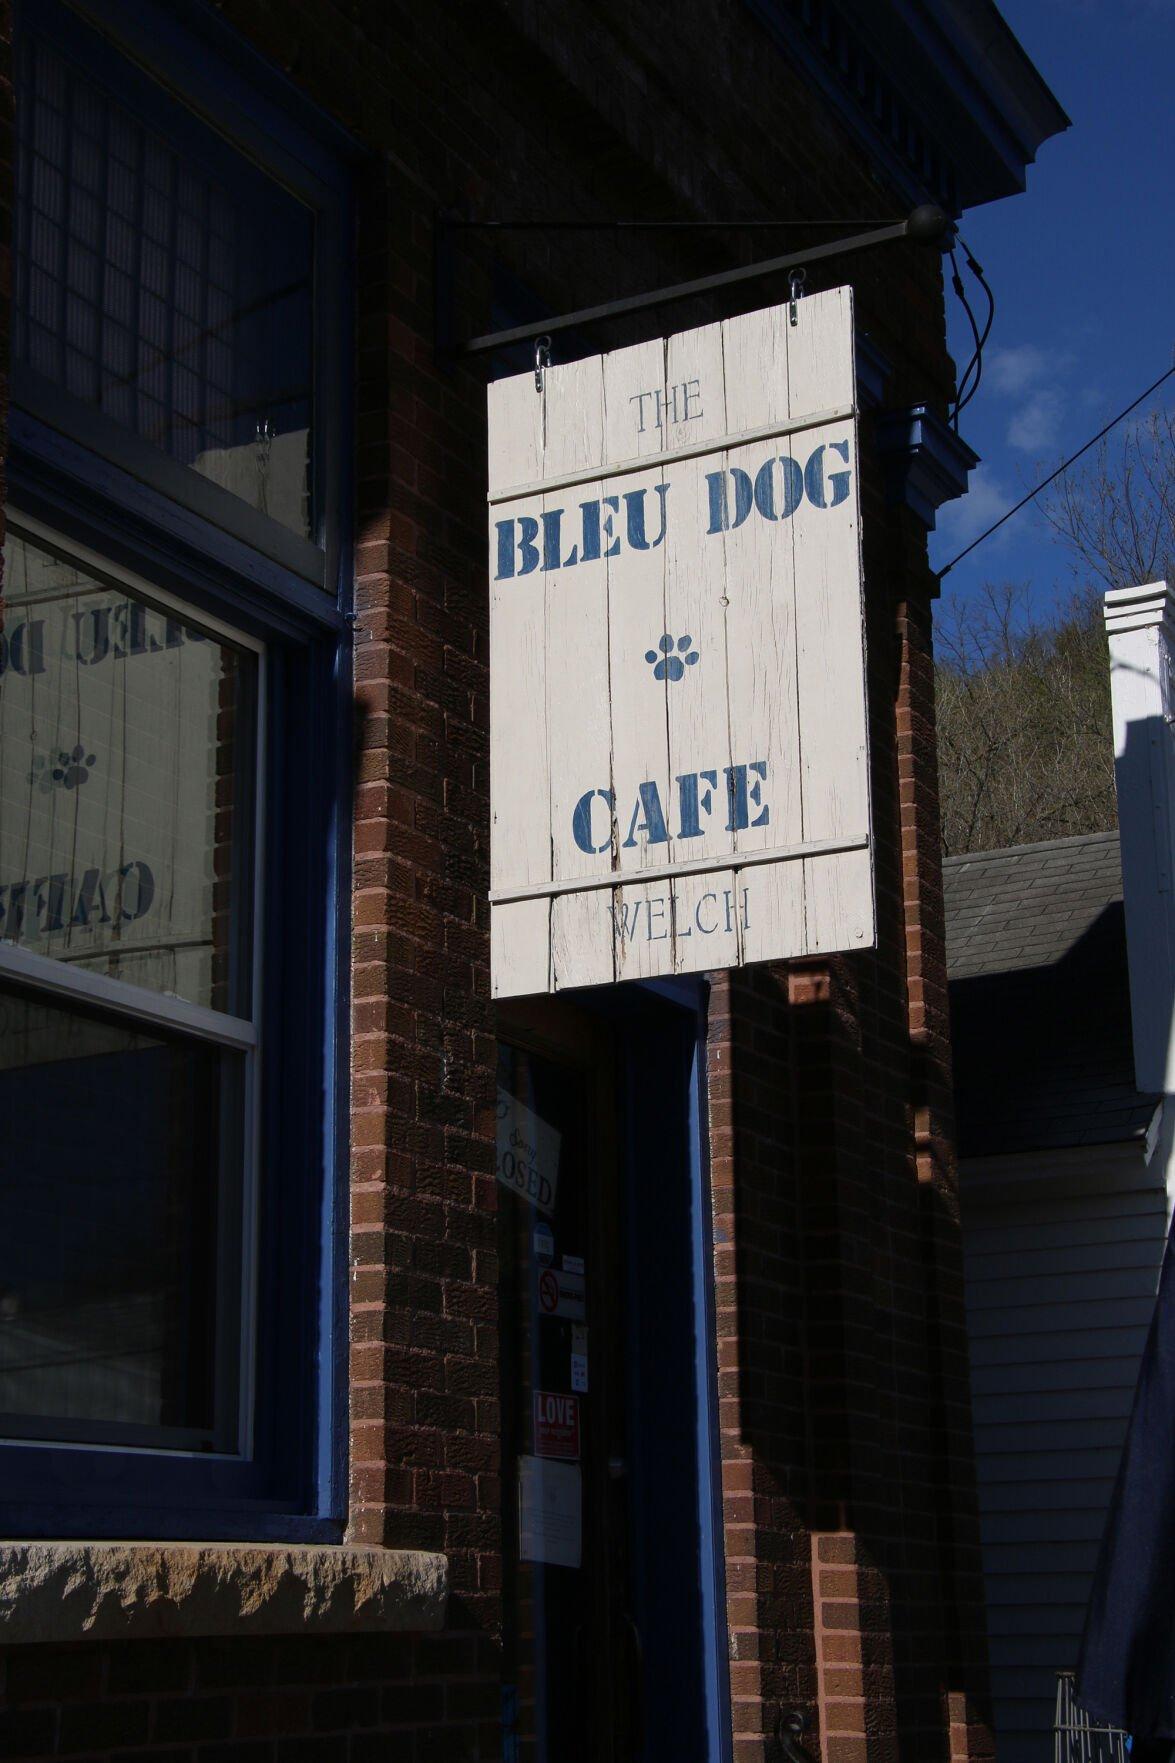 The Bleu Dog Cafe, Welch, Minn.